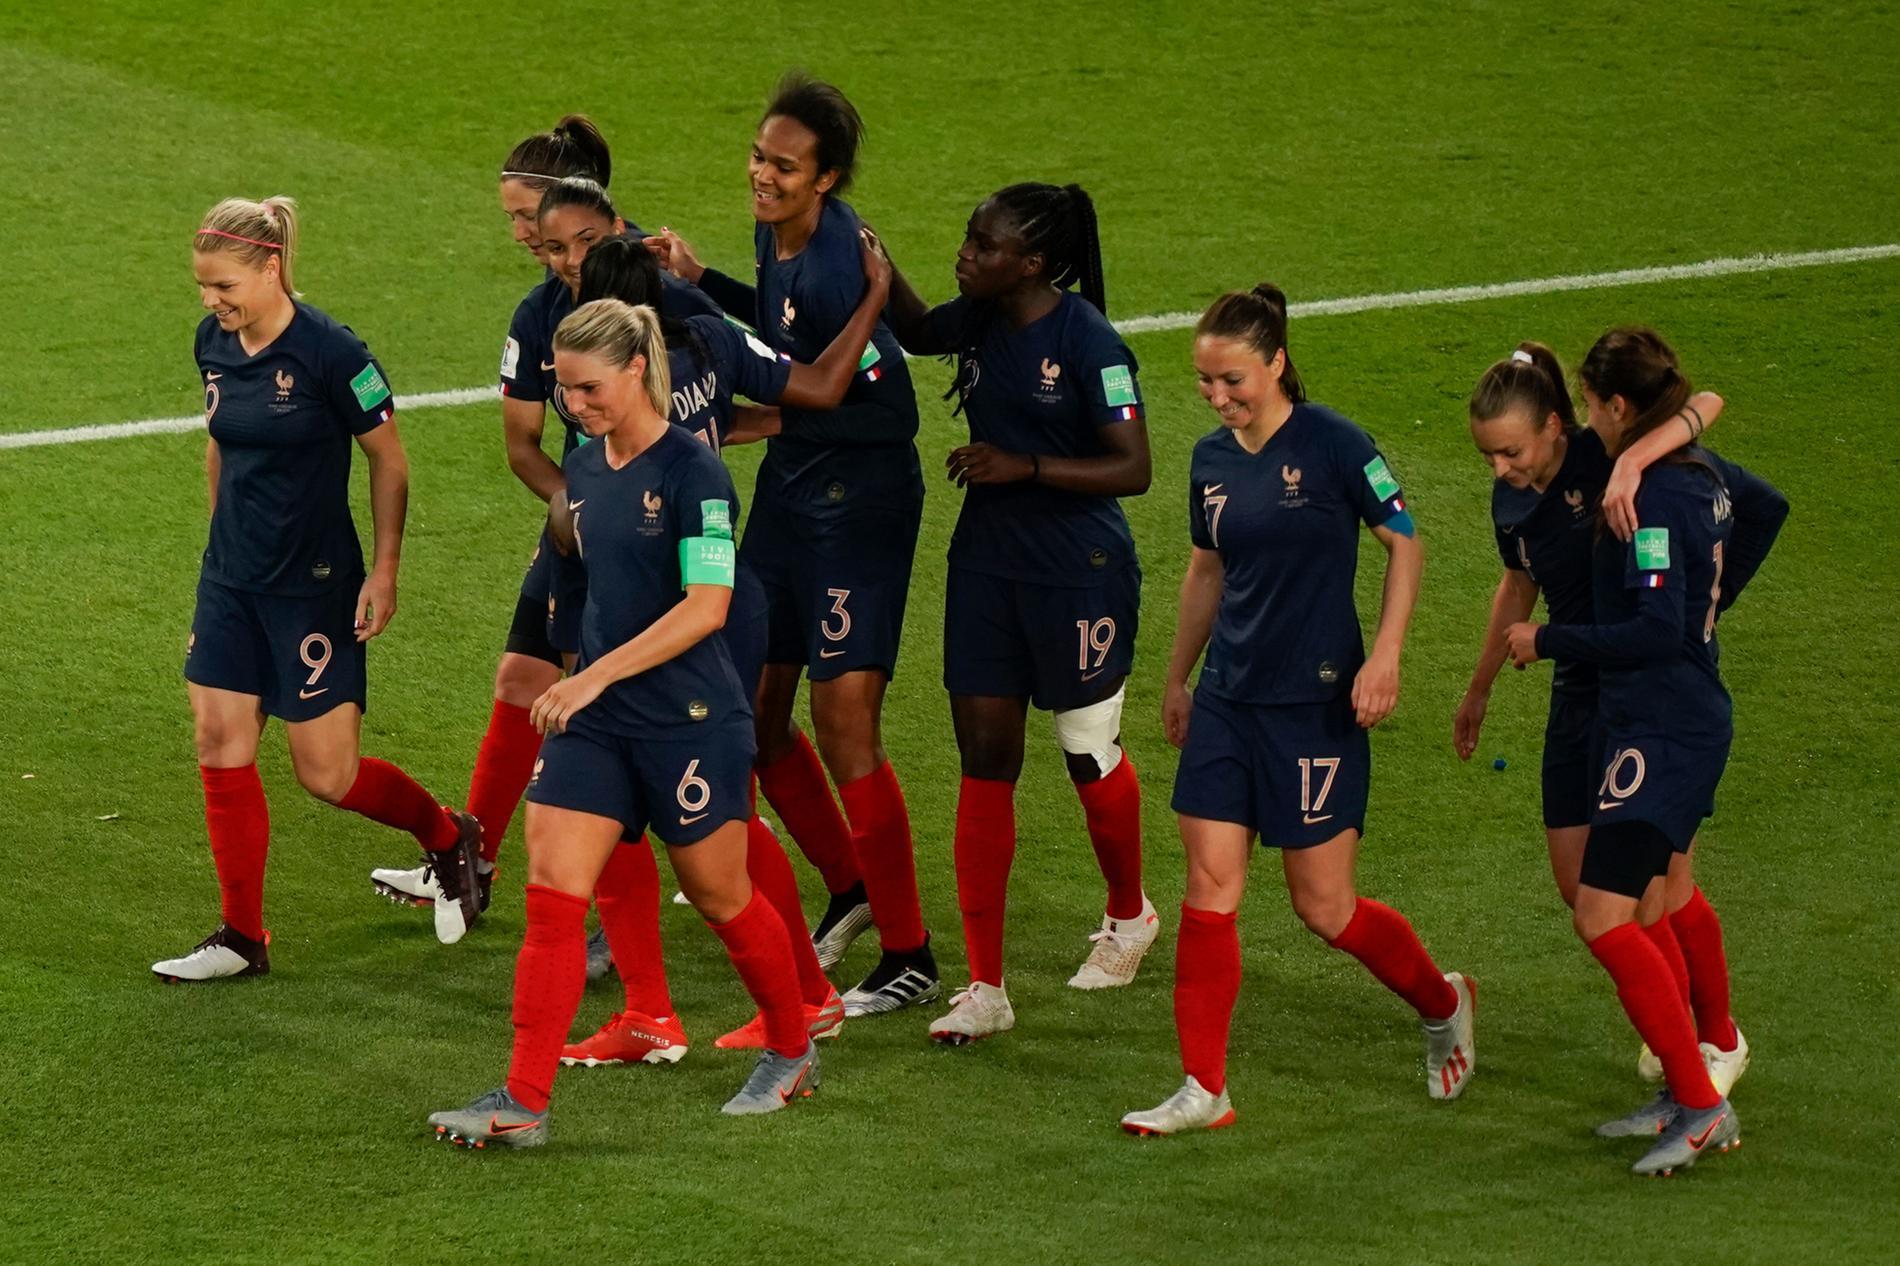 L\u0027équipe de France lors de la Coupe du monde féminine de football 2019